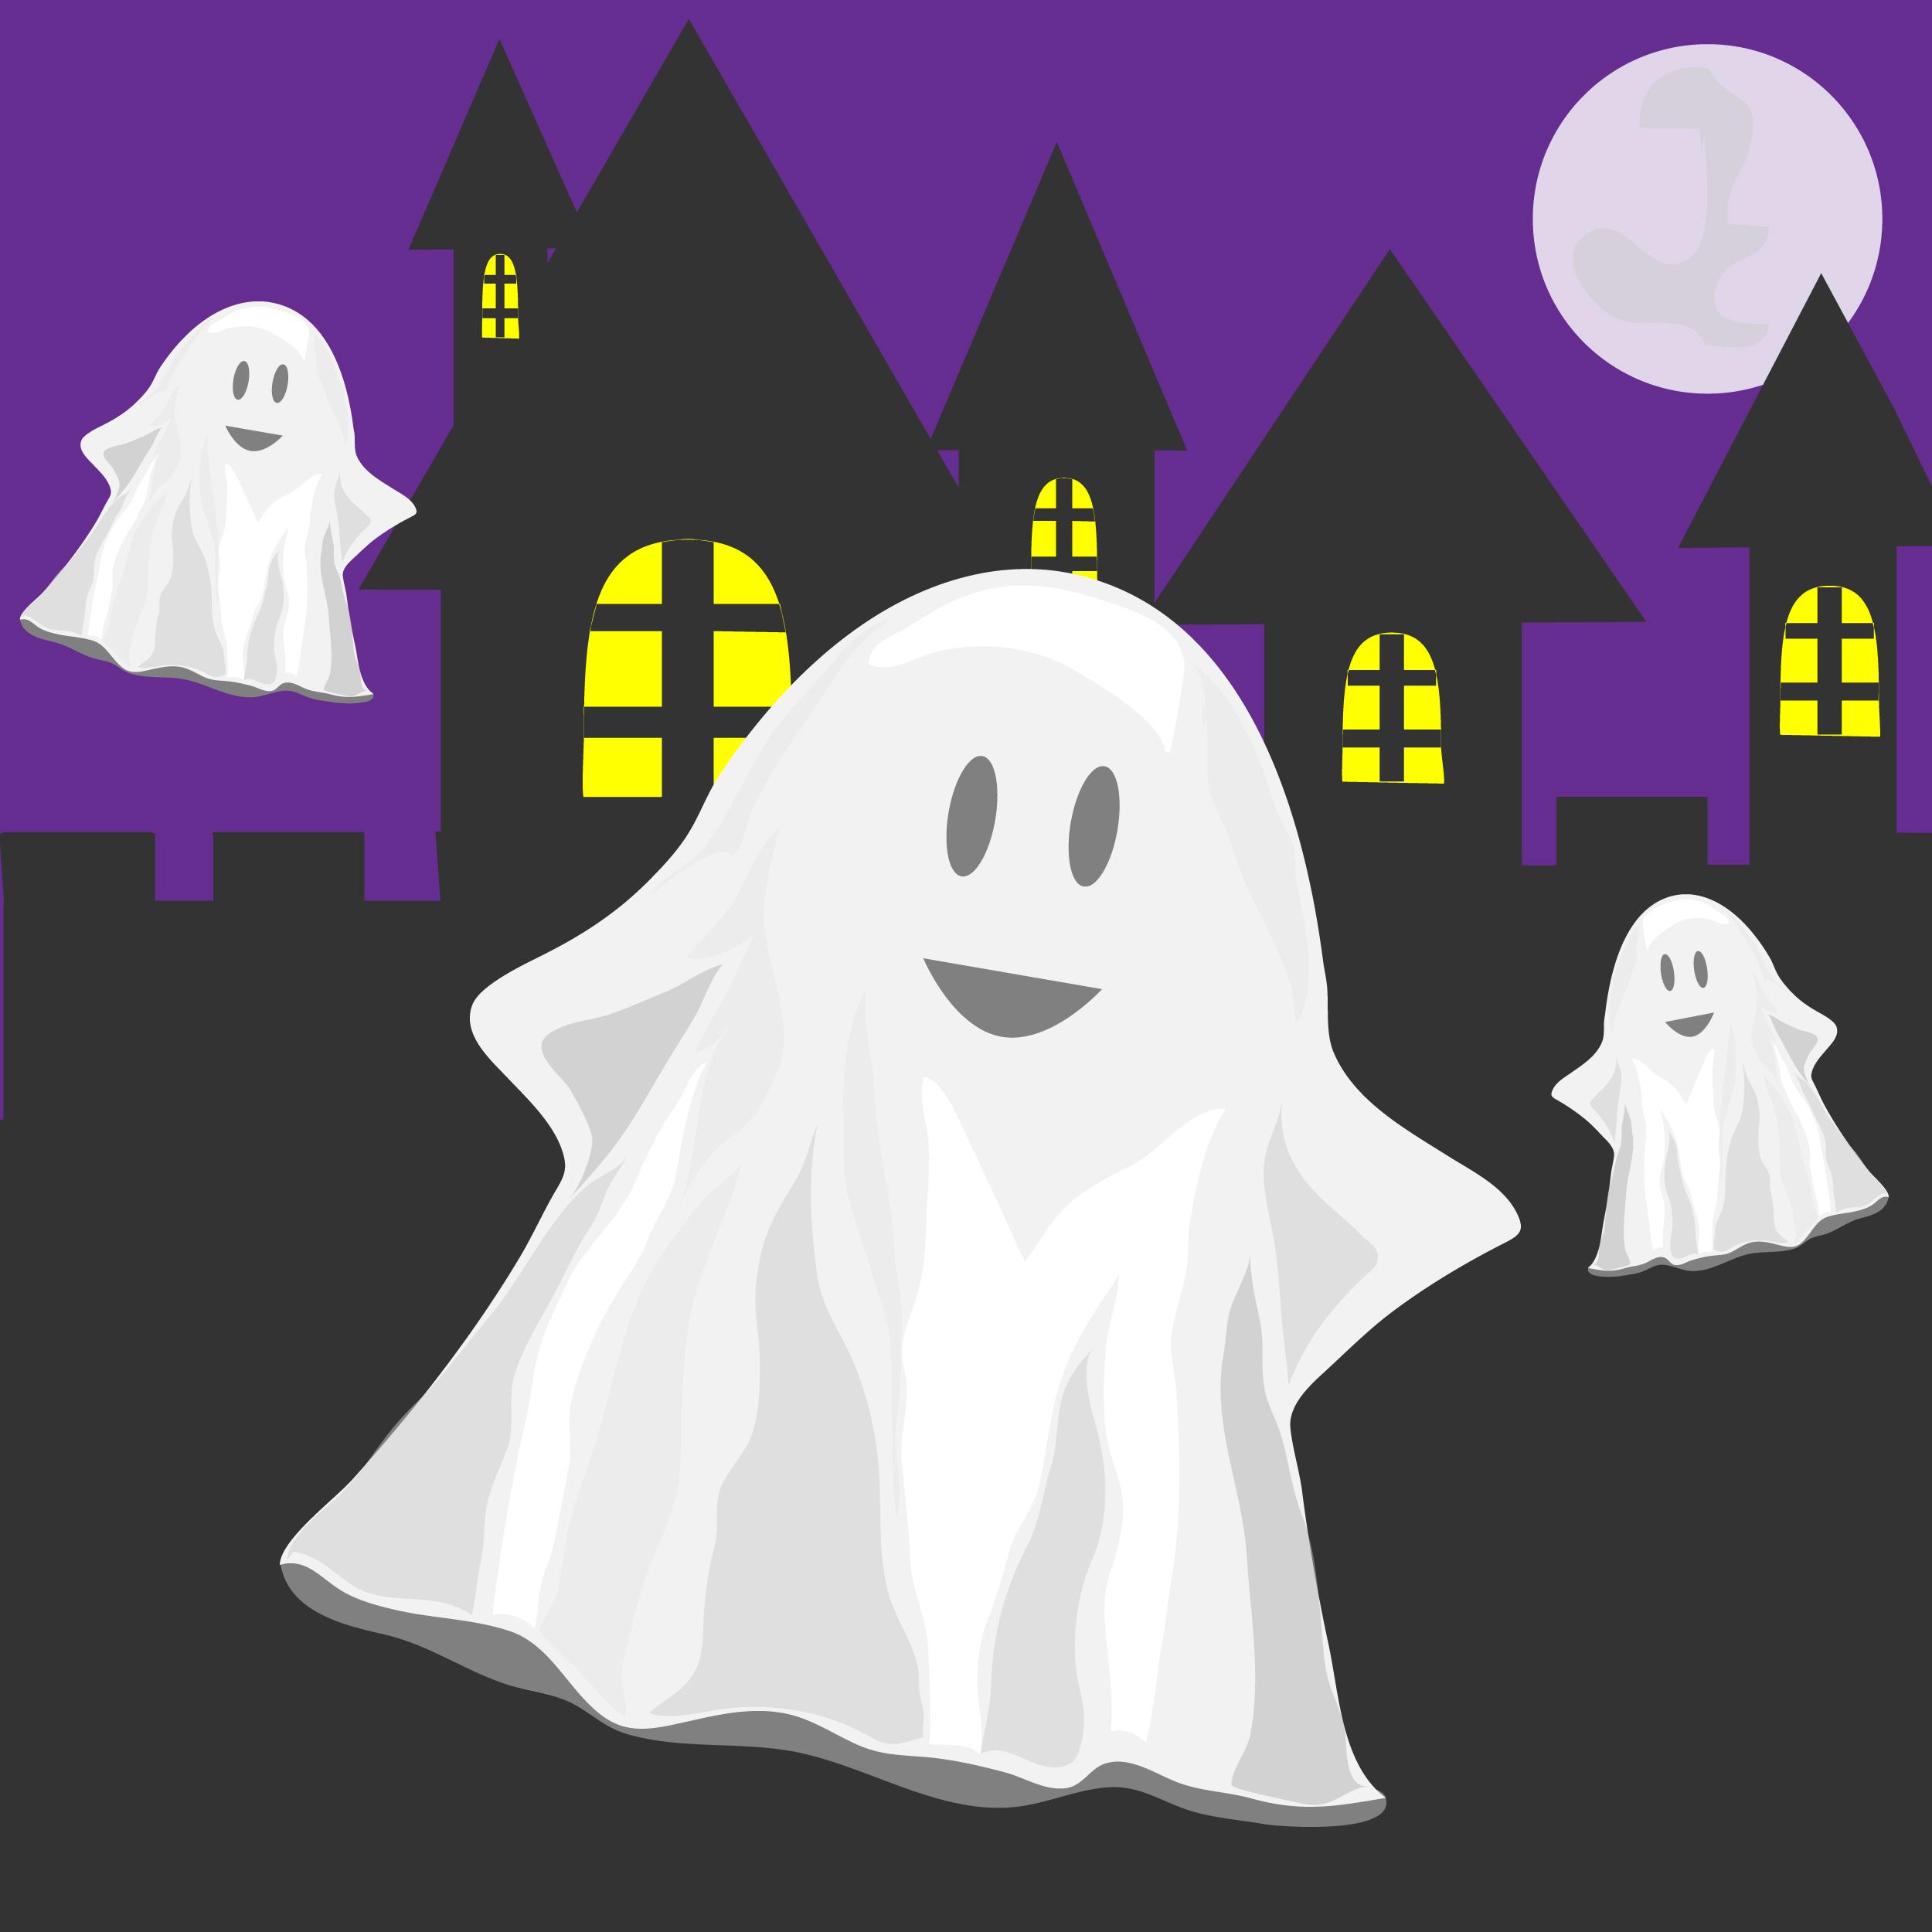 привид, привиди, ніч, діти шукають привида